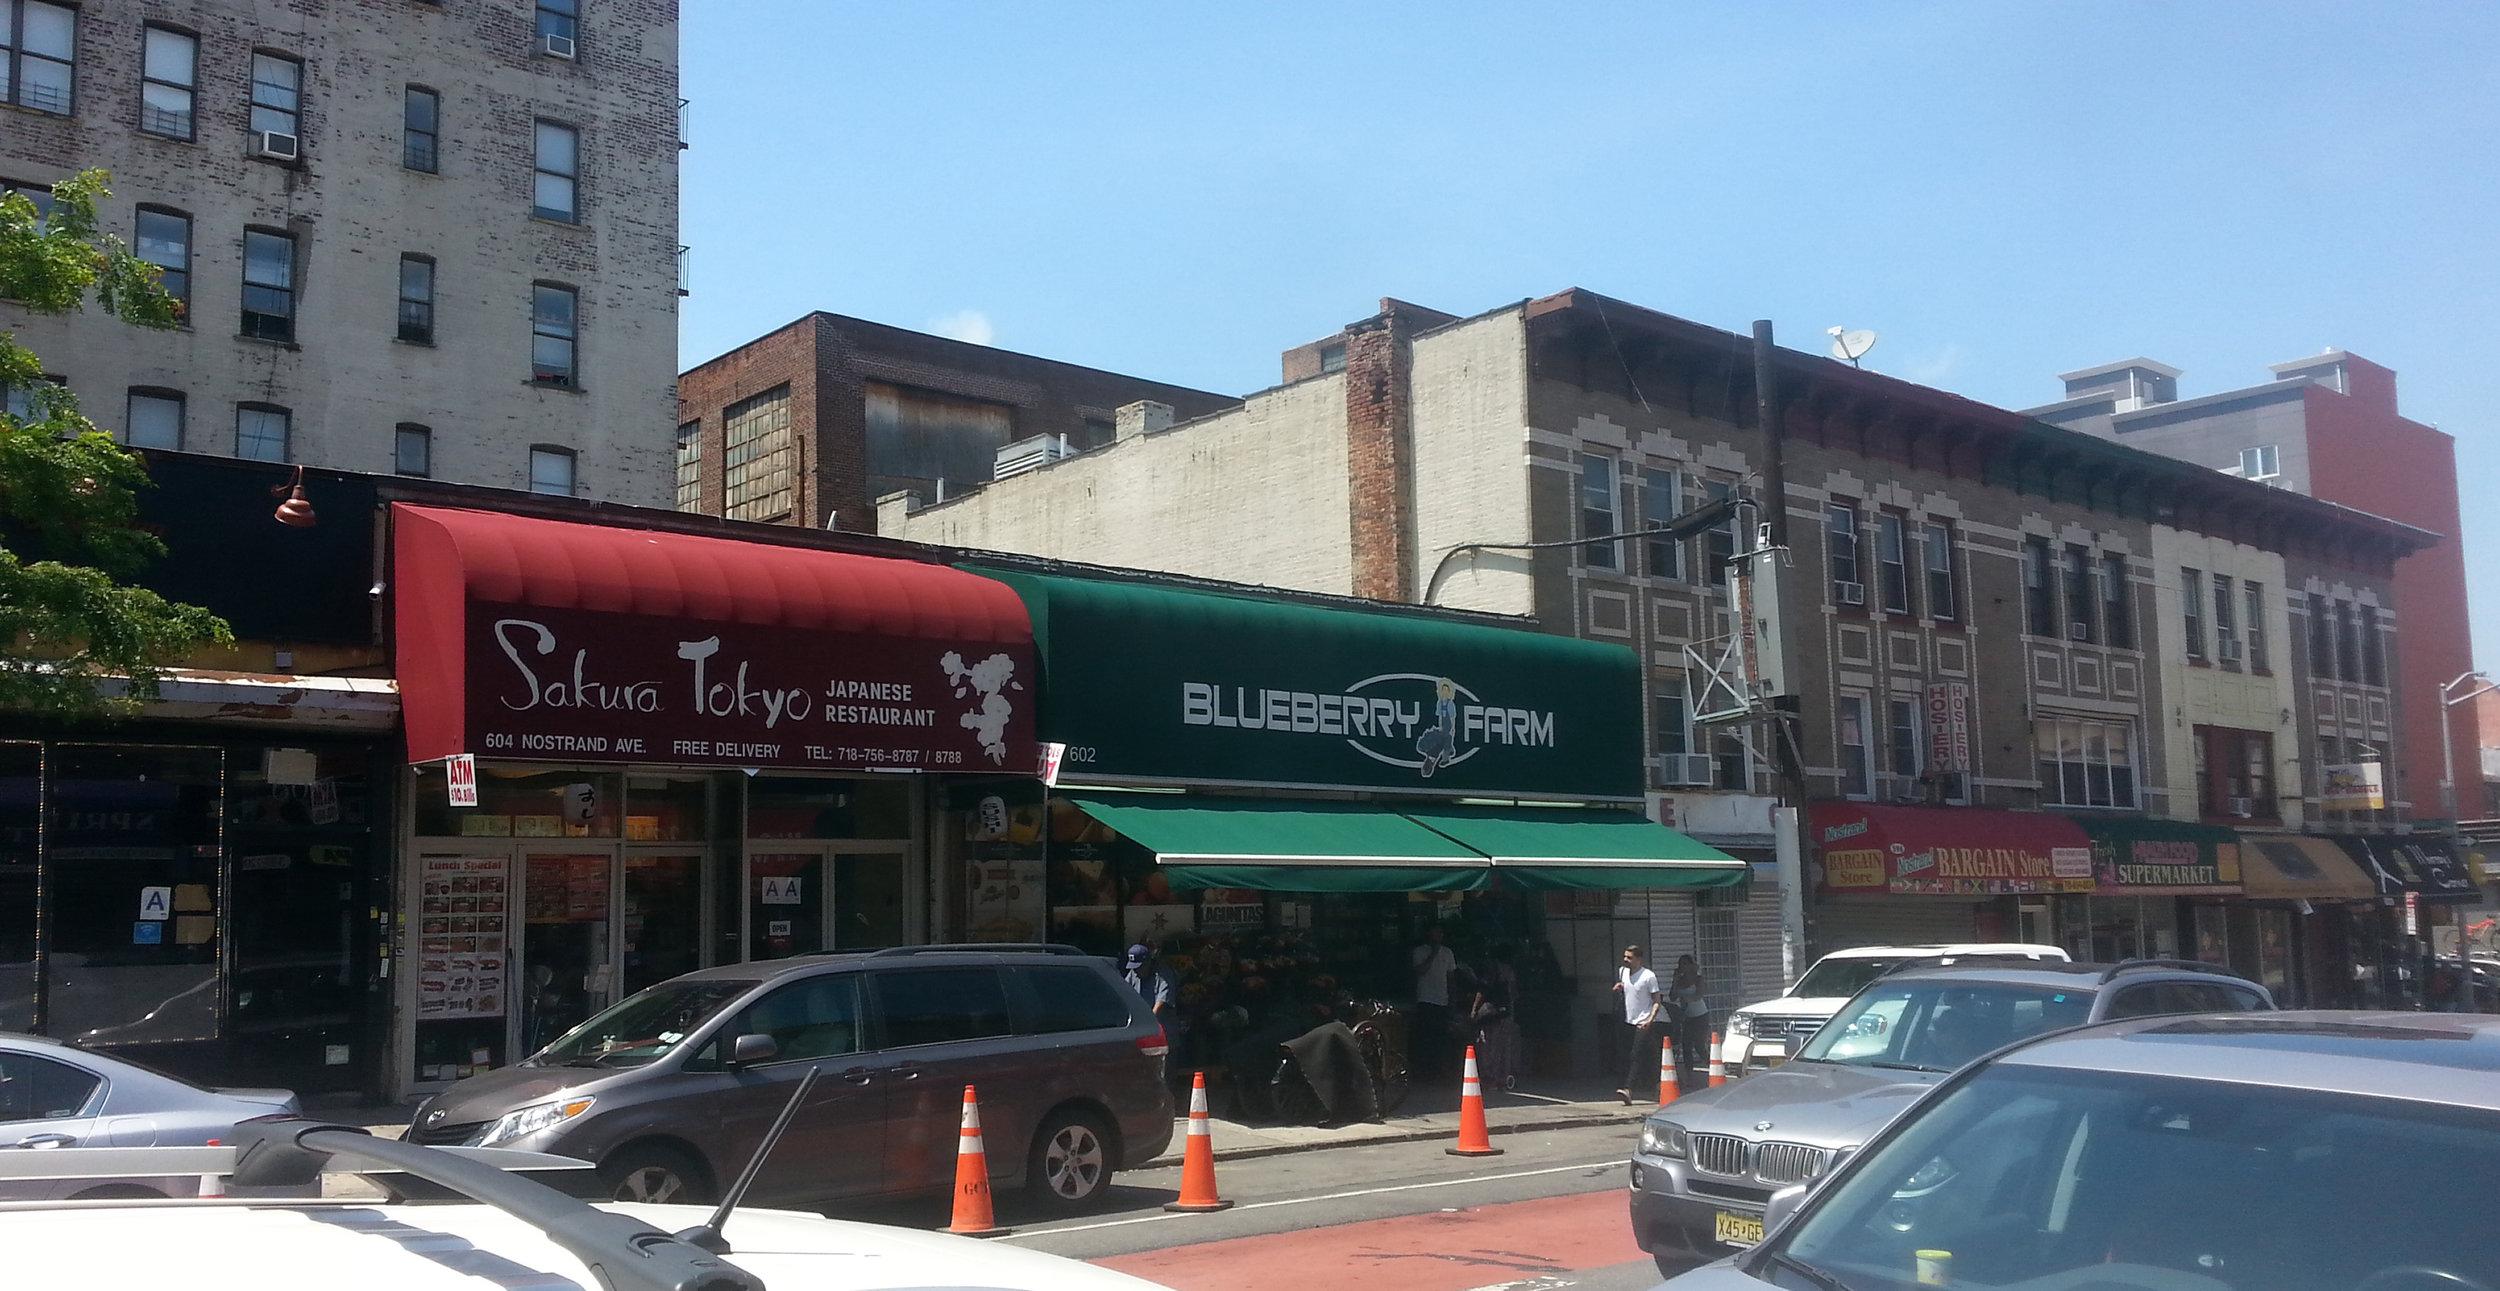 602 Nostrand Ave., Brooklyn, NY. Photo: Darryl Montgomery.